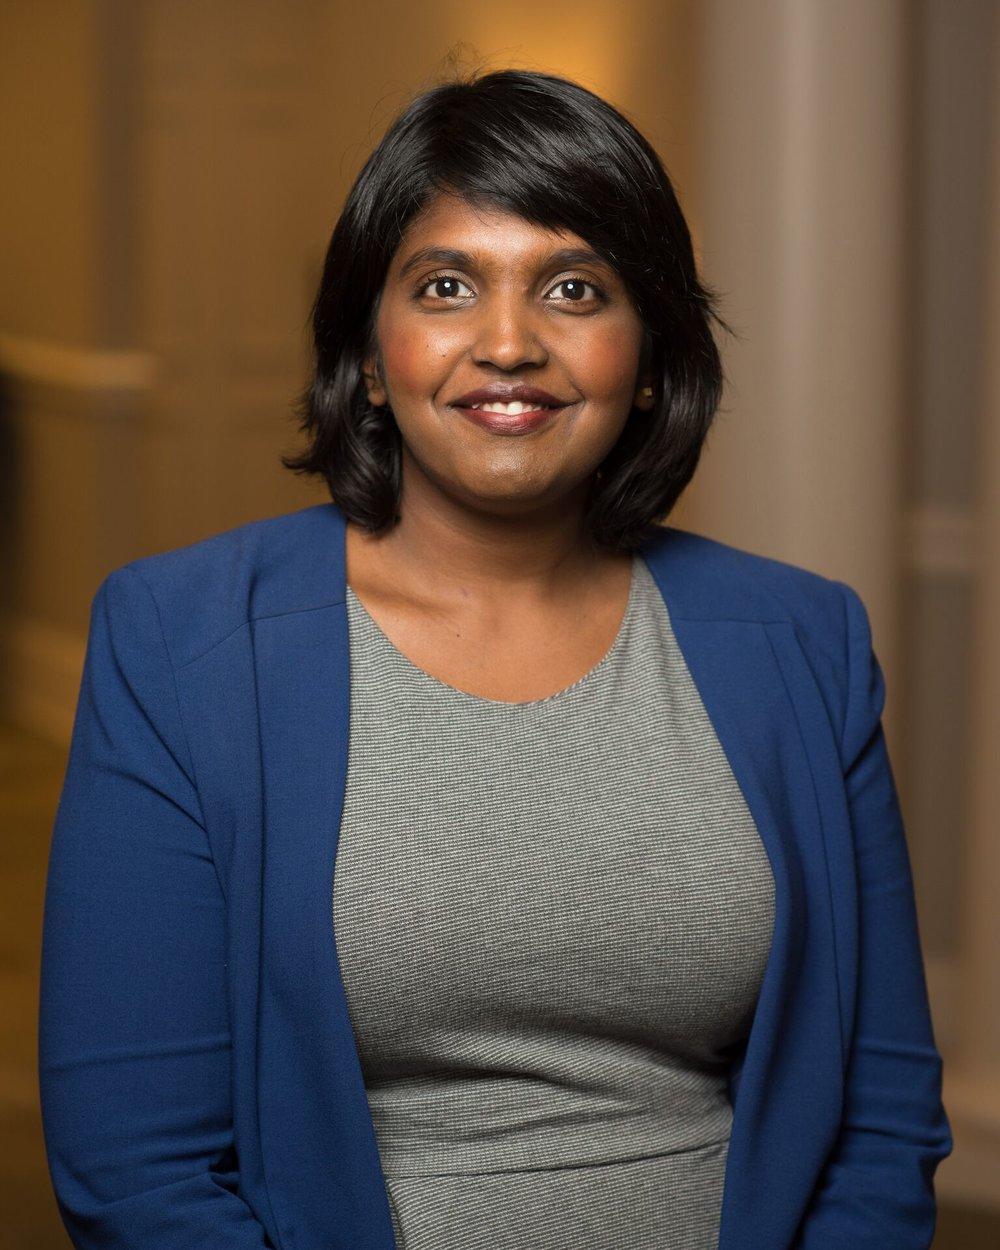 Indira Headshot.JPG